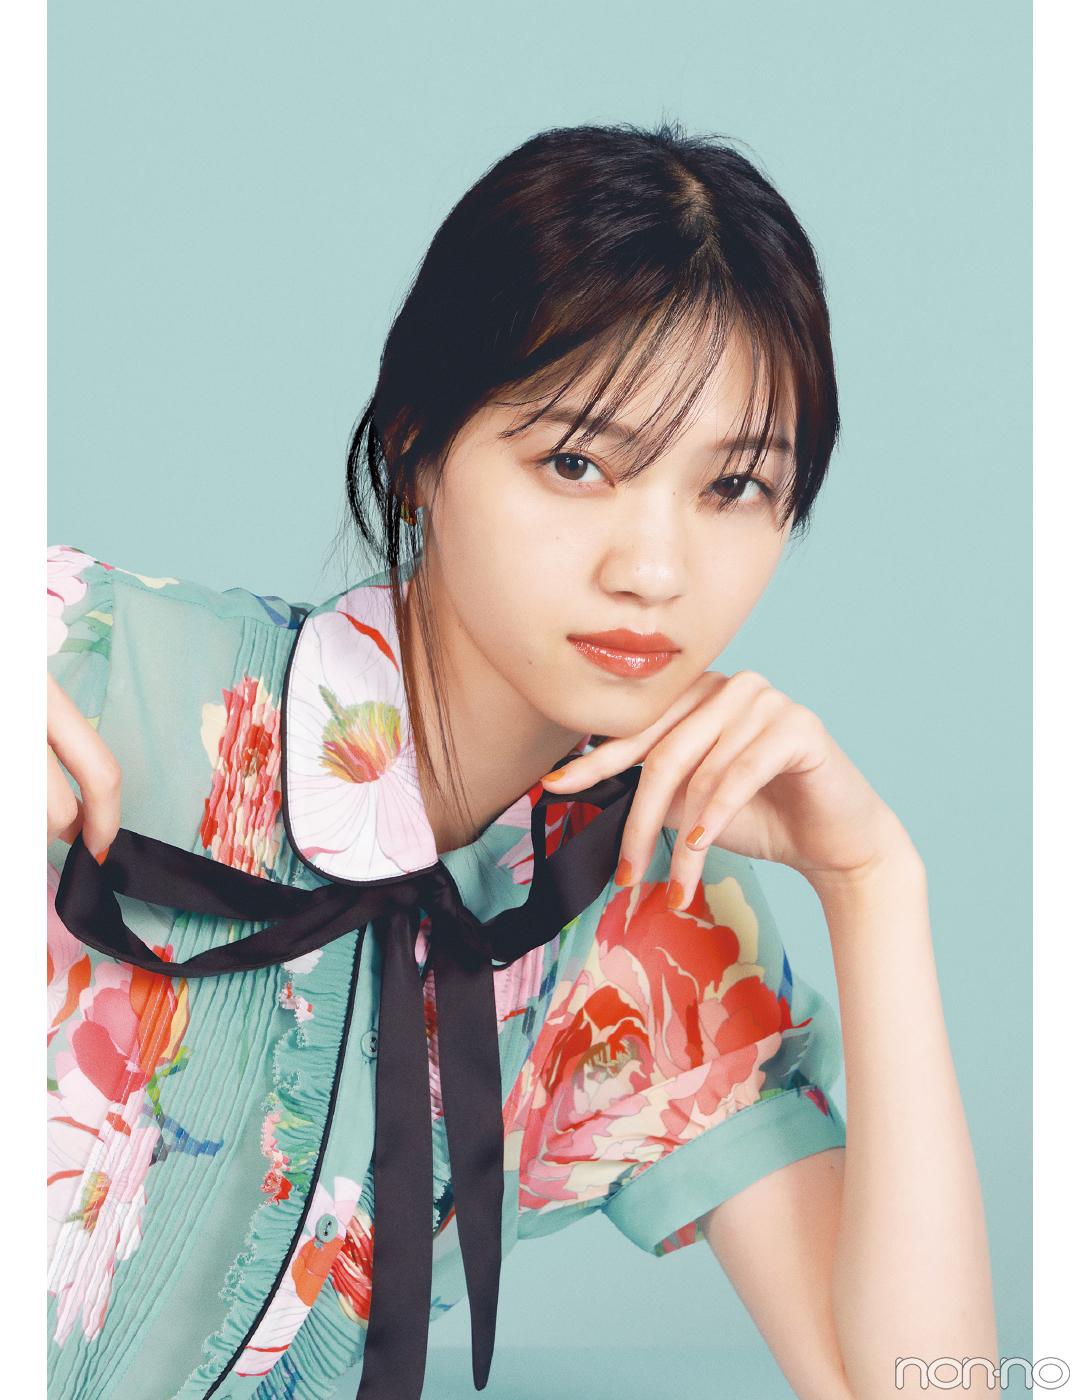 西野七瀬×アディクションの春新作コスメ♡ みずみずしい美しさにドキッ!_1_2